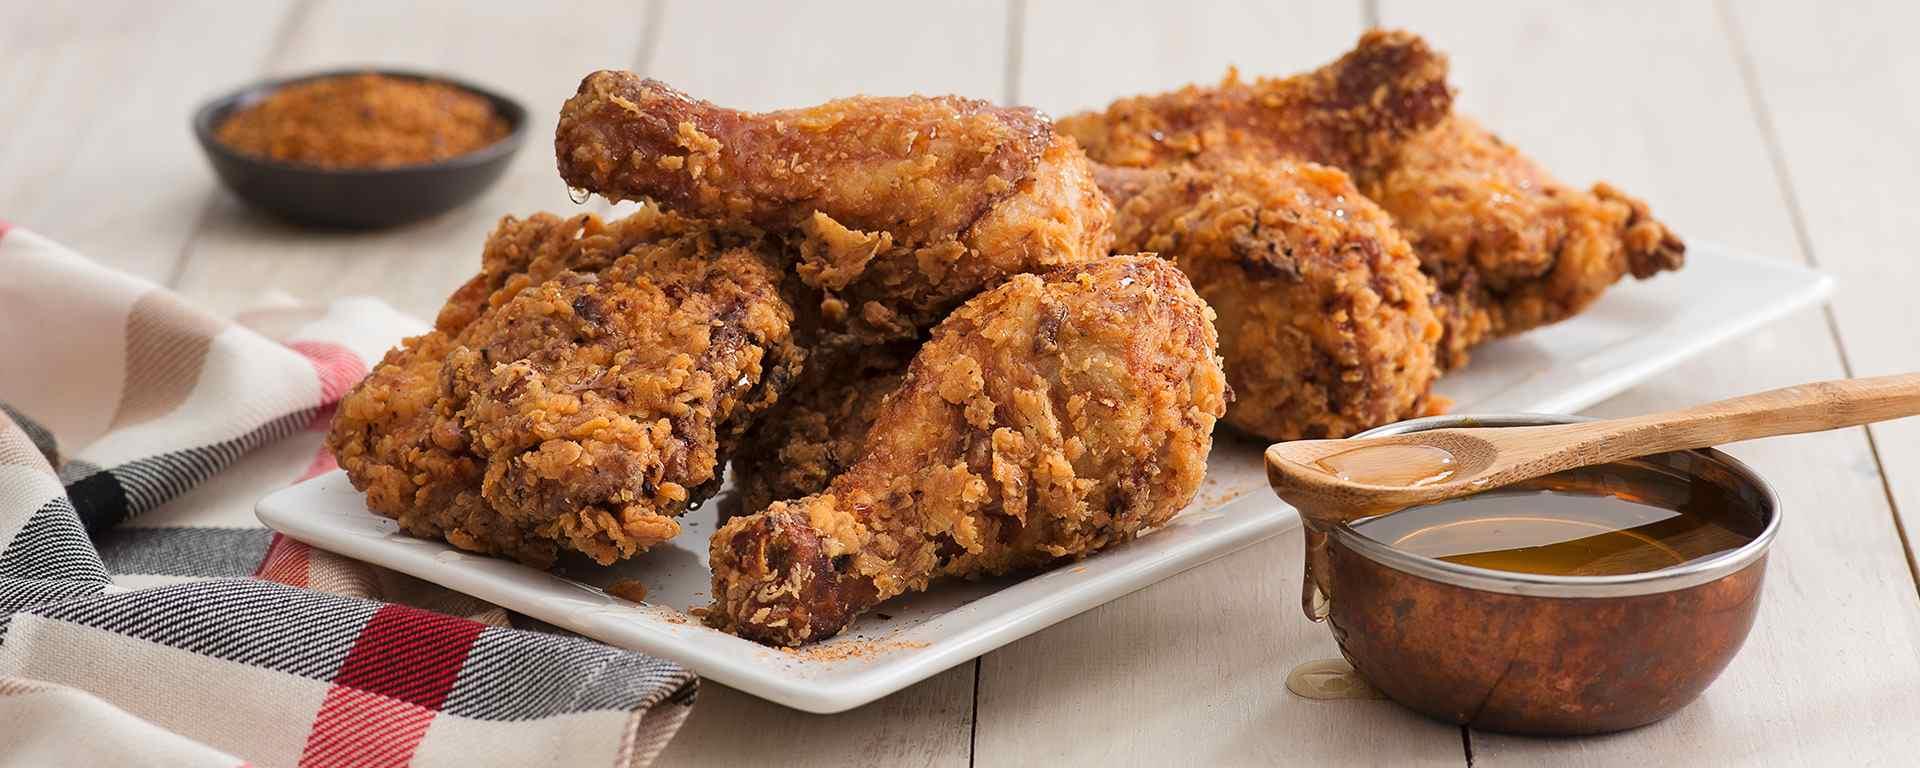 Photo for - Harissa Fried Chicken